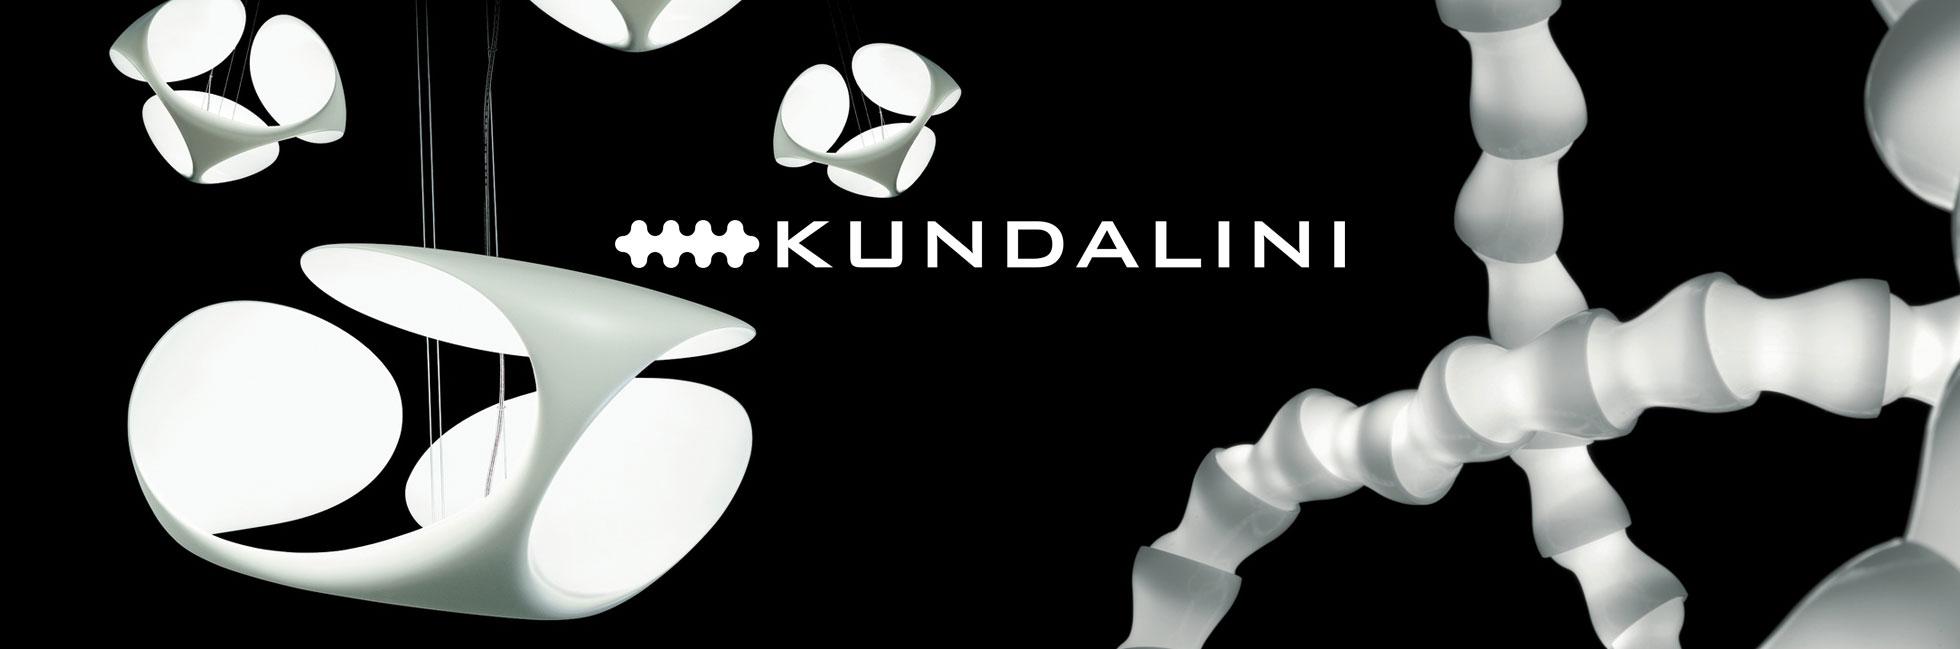 Kundalini Leuchten und Lampen